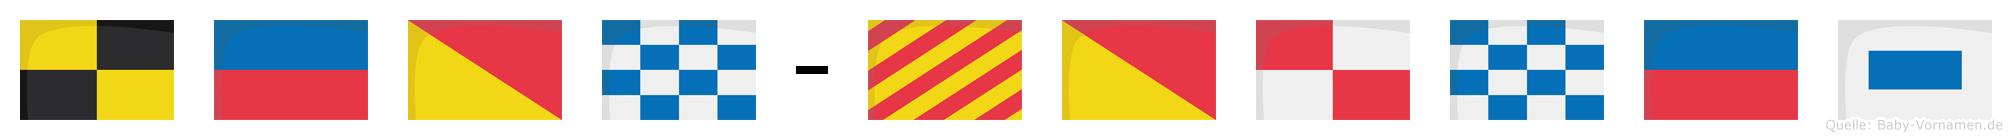 Leon-Younes im Flaggenalphabet